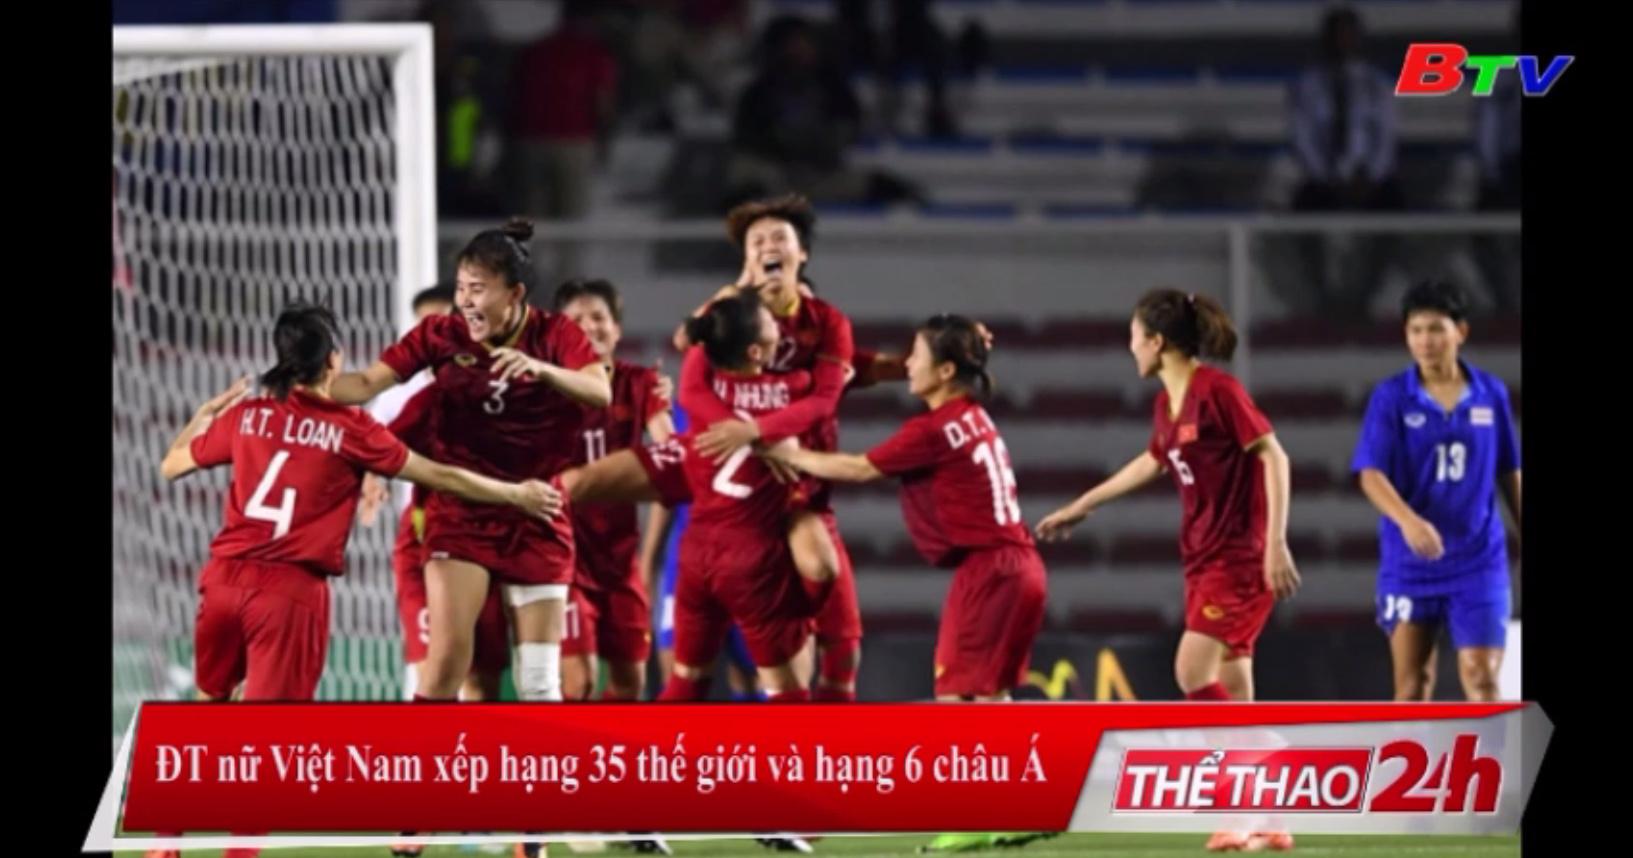 ĐT nữ Việt Nam xếp hạng 35 thế giới và hạng 6 châu Á